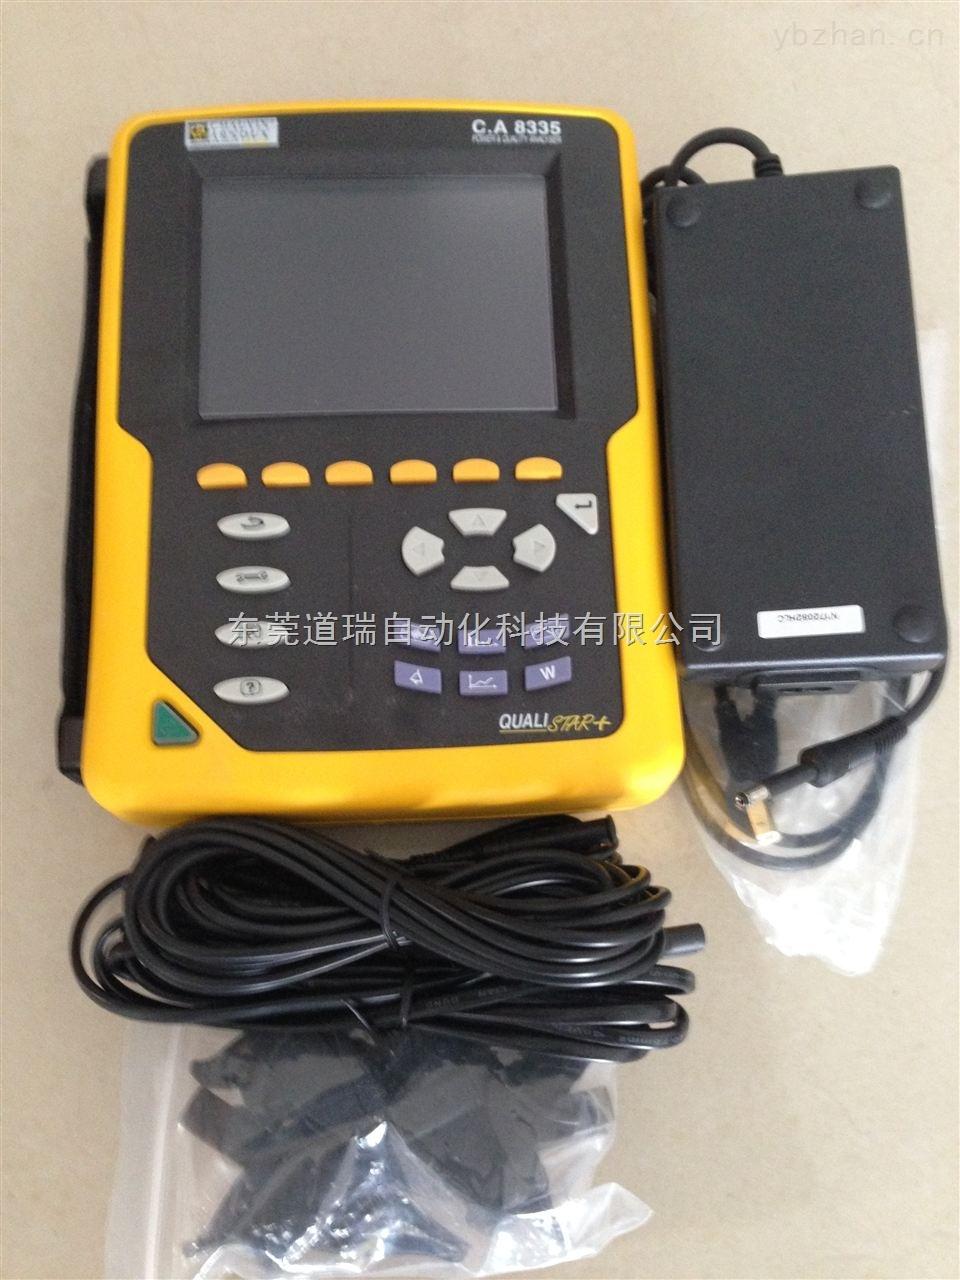 法国供电质量分析仪